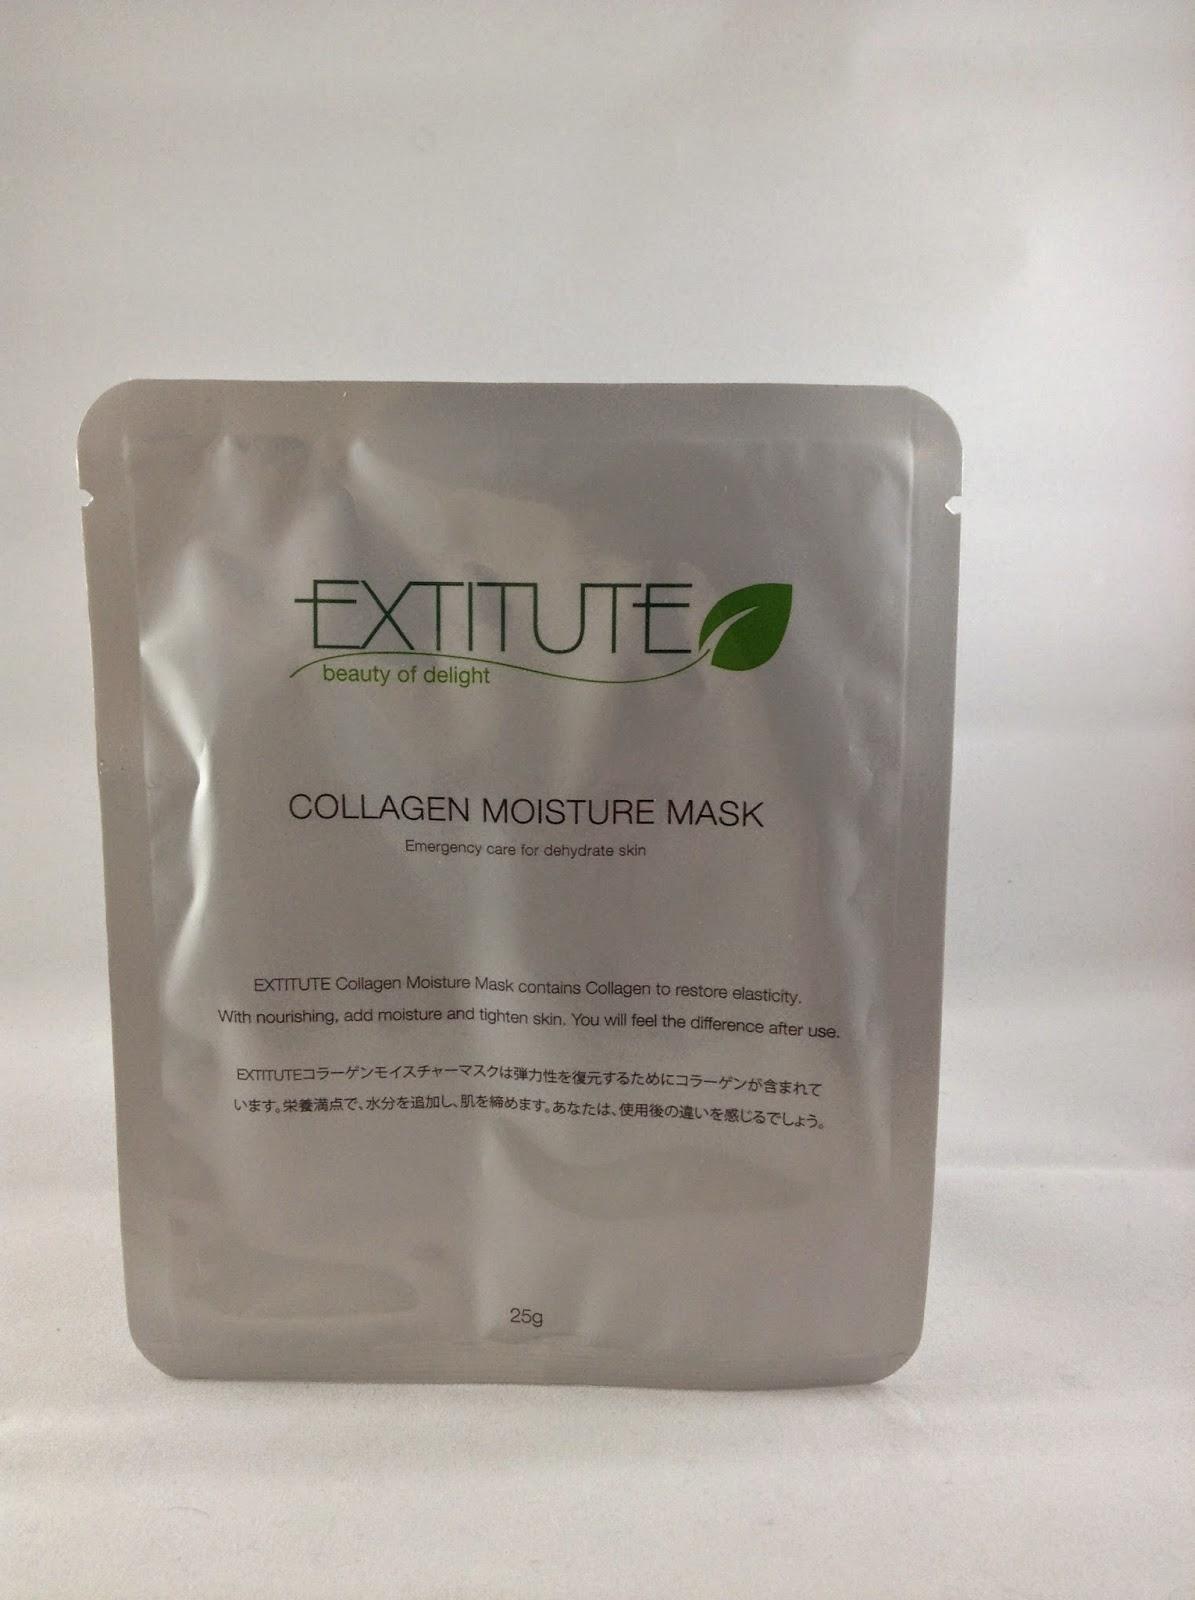 >> 15 分鐘吸收完*日本 EXTITUTE COLLAGEN MOISTURE MASK 骨膠原蛋白保濕面膜